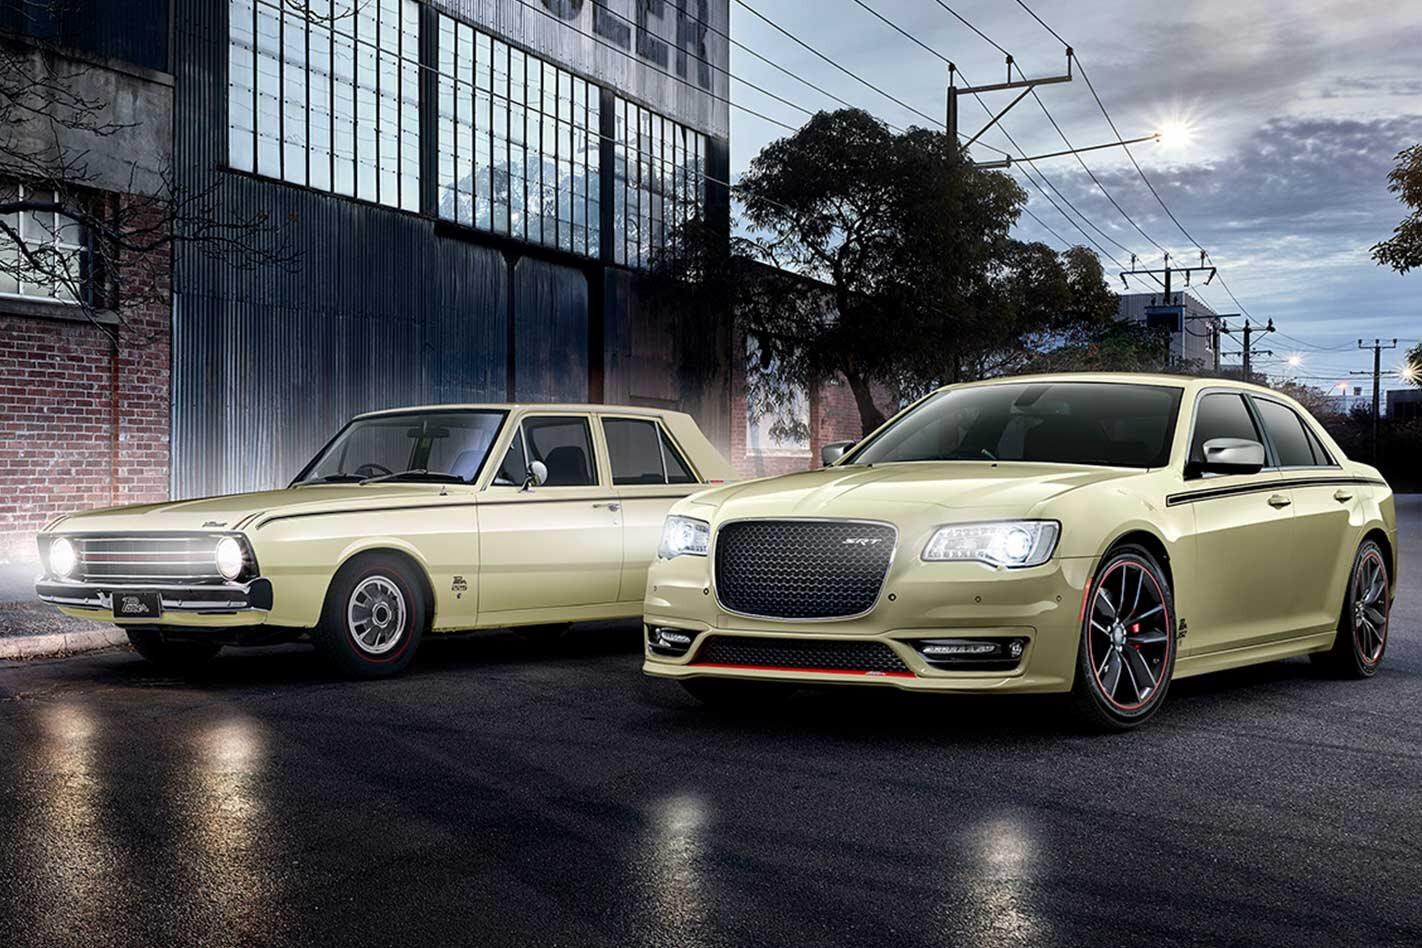 Chrysler 300 SRT Pacer tribute car revealed